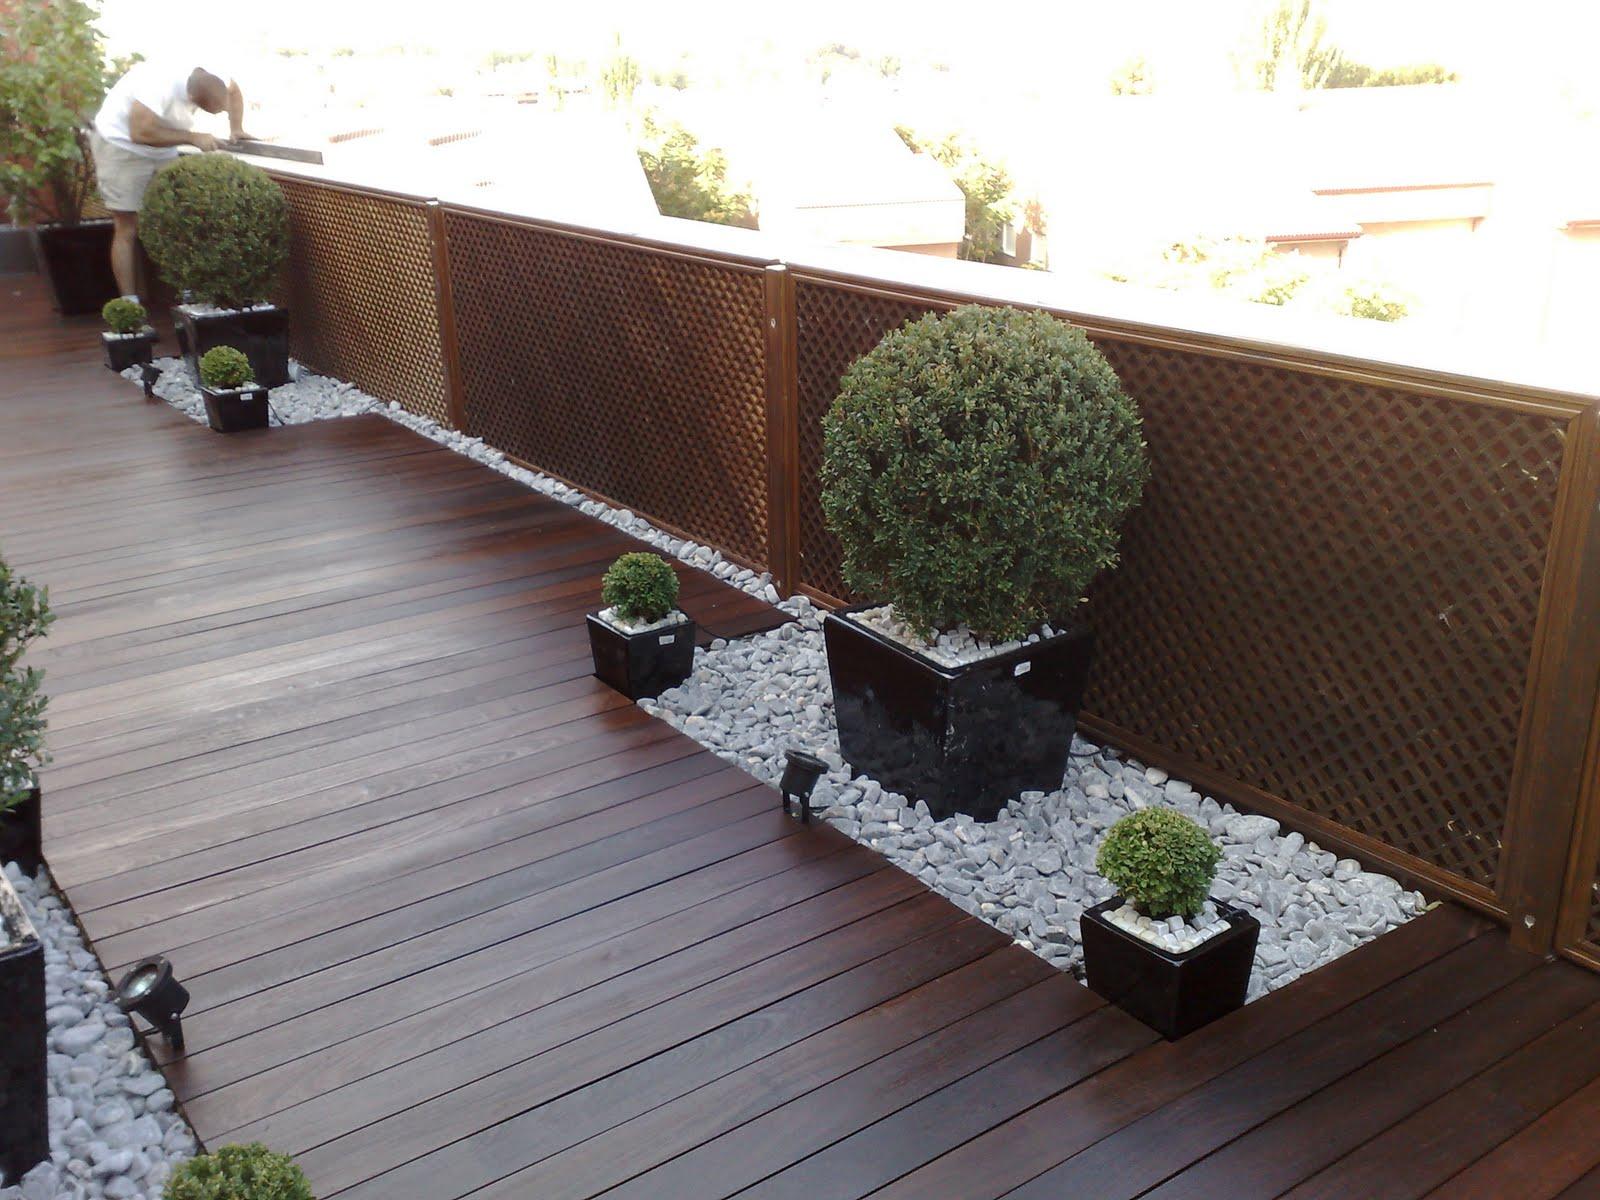 Arte y jardiner a el jard n minimalista urbano ejemplo for Jardines pequenos con luces